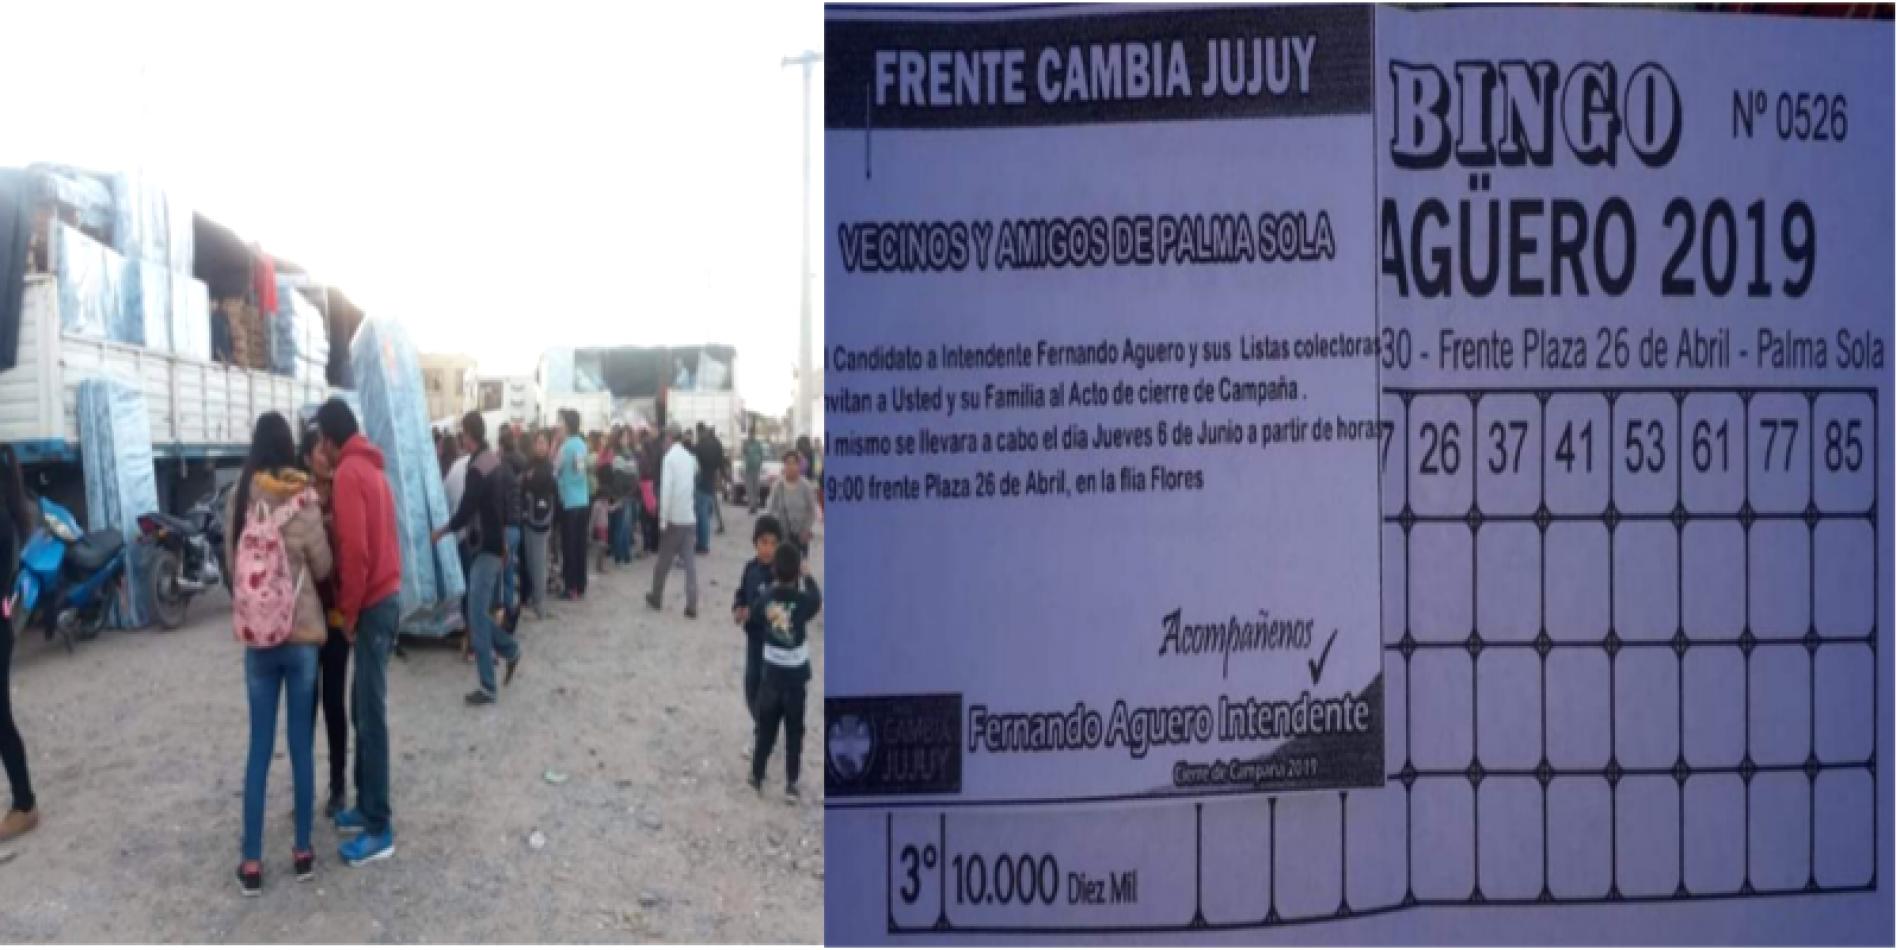 Izquierda: entrega de colchones en Finca El Pongo. Derecha: Bingo en Palma Sola